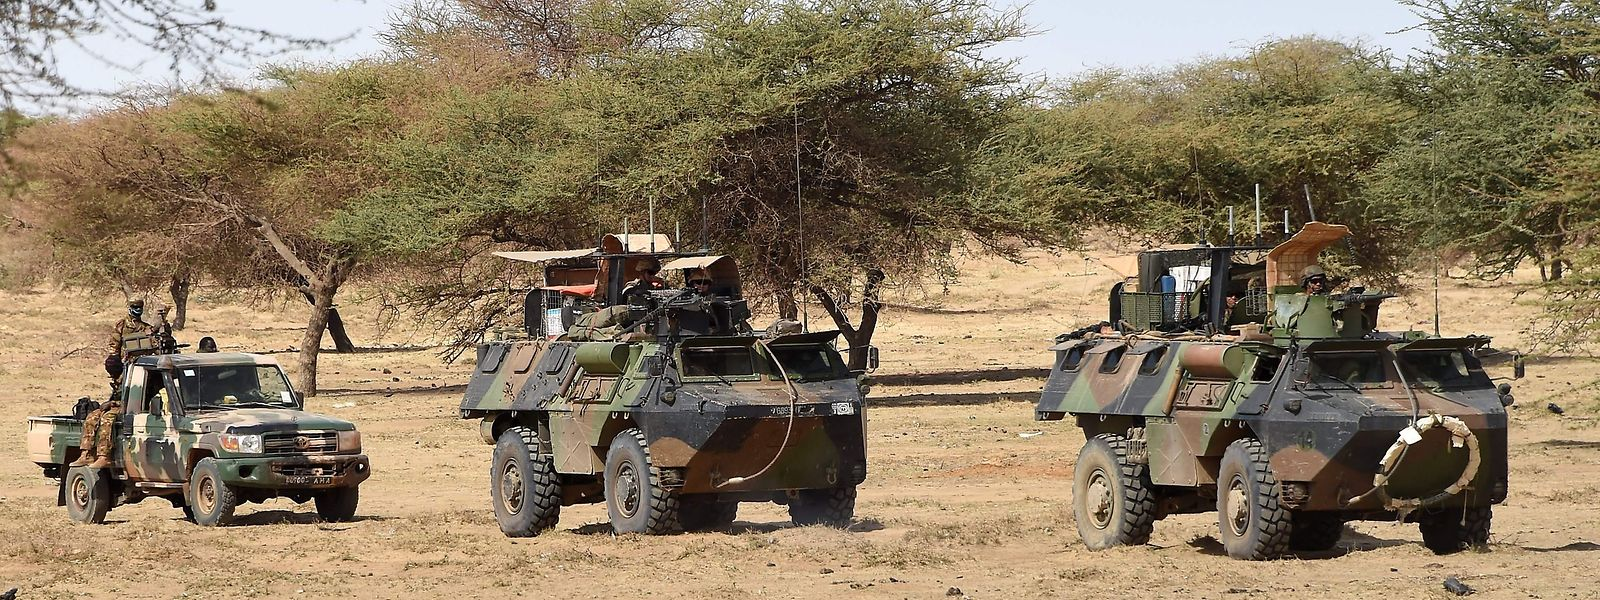 """Die zahlreichen internationalen Militäreinsätze haben daran bislang nicht viel ändern können. Trotz der 14 000 Mann starken UN-Friedensmission in Mali, rund 800 US-Soldaten im Niger oder der etwa 4000 Mann starken französischen Anti-Terror-Truppe """"Barkhane"""" bleibt Terroristen immer noch reichlich Platz, sich zu verstecken."""